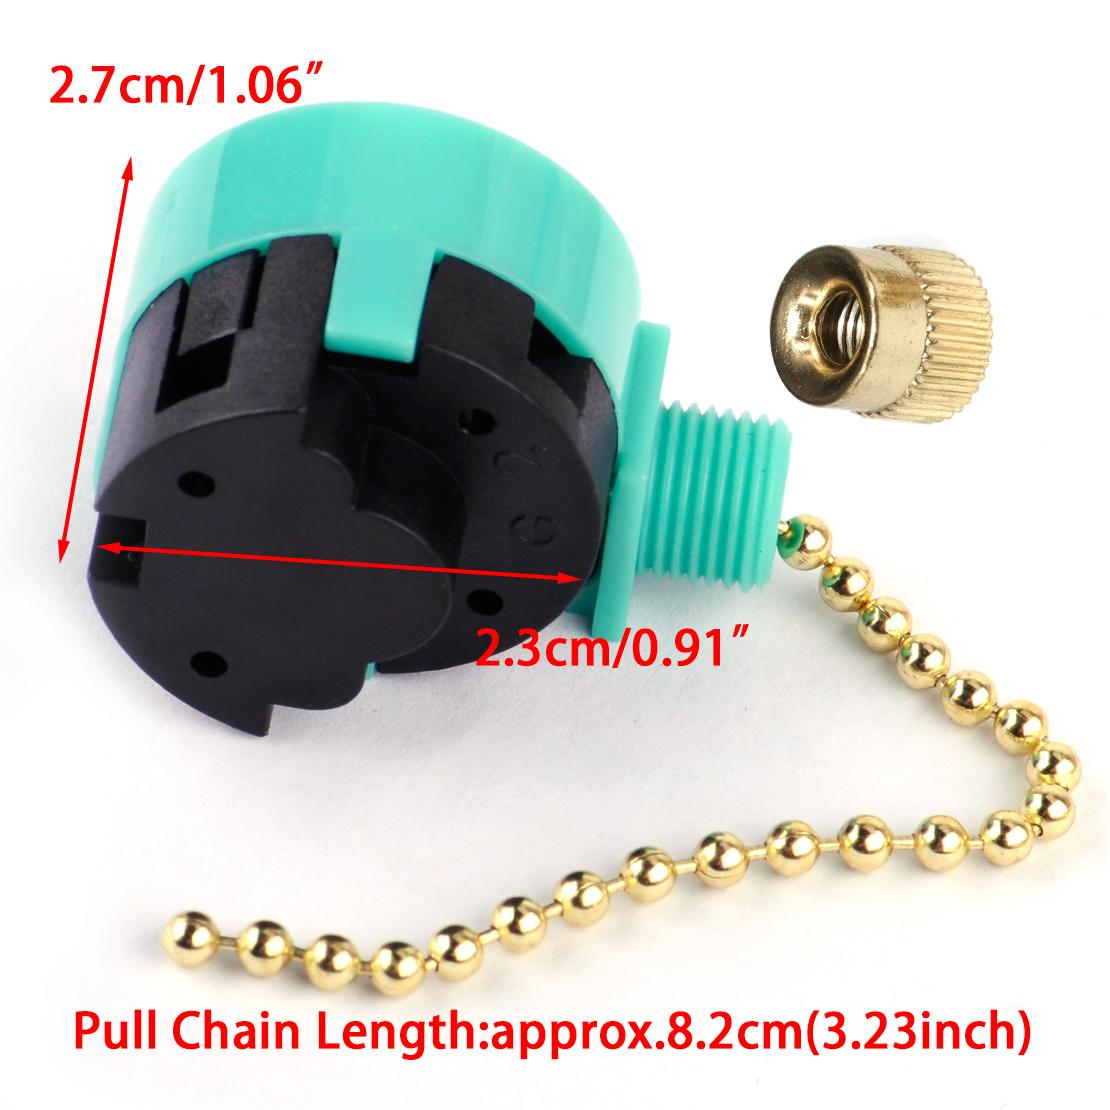 Interrupteur chaîne 3 vitesse pour Zing Ear ZE-208S6 Pull Chain Control Switch